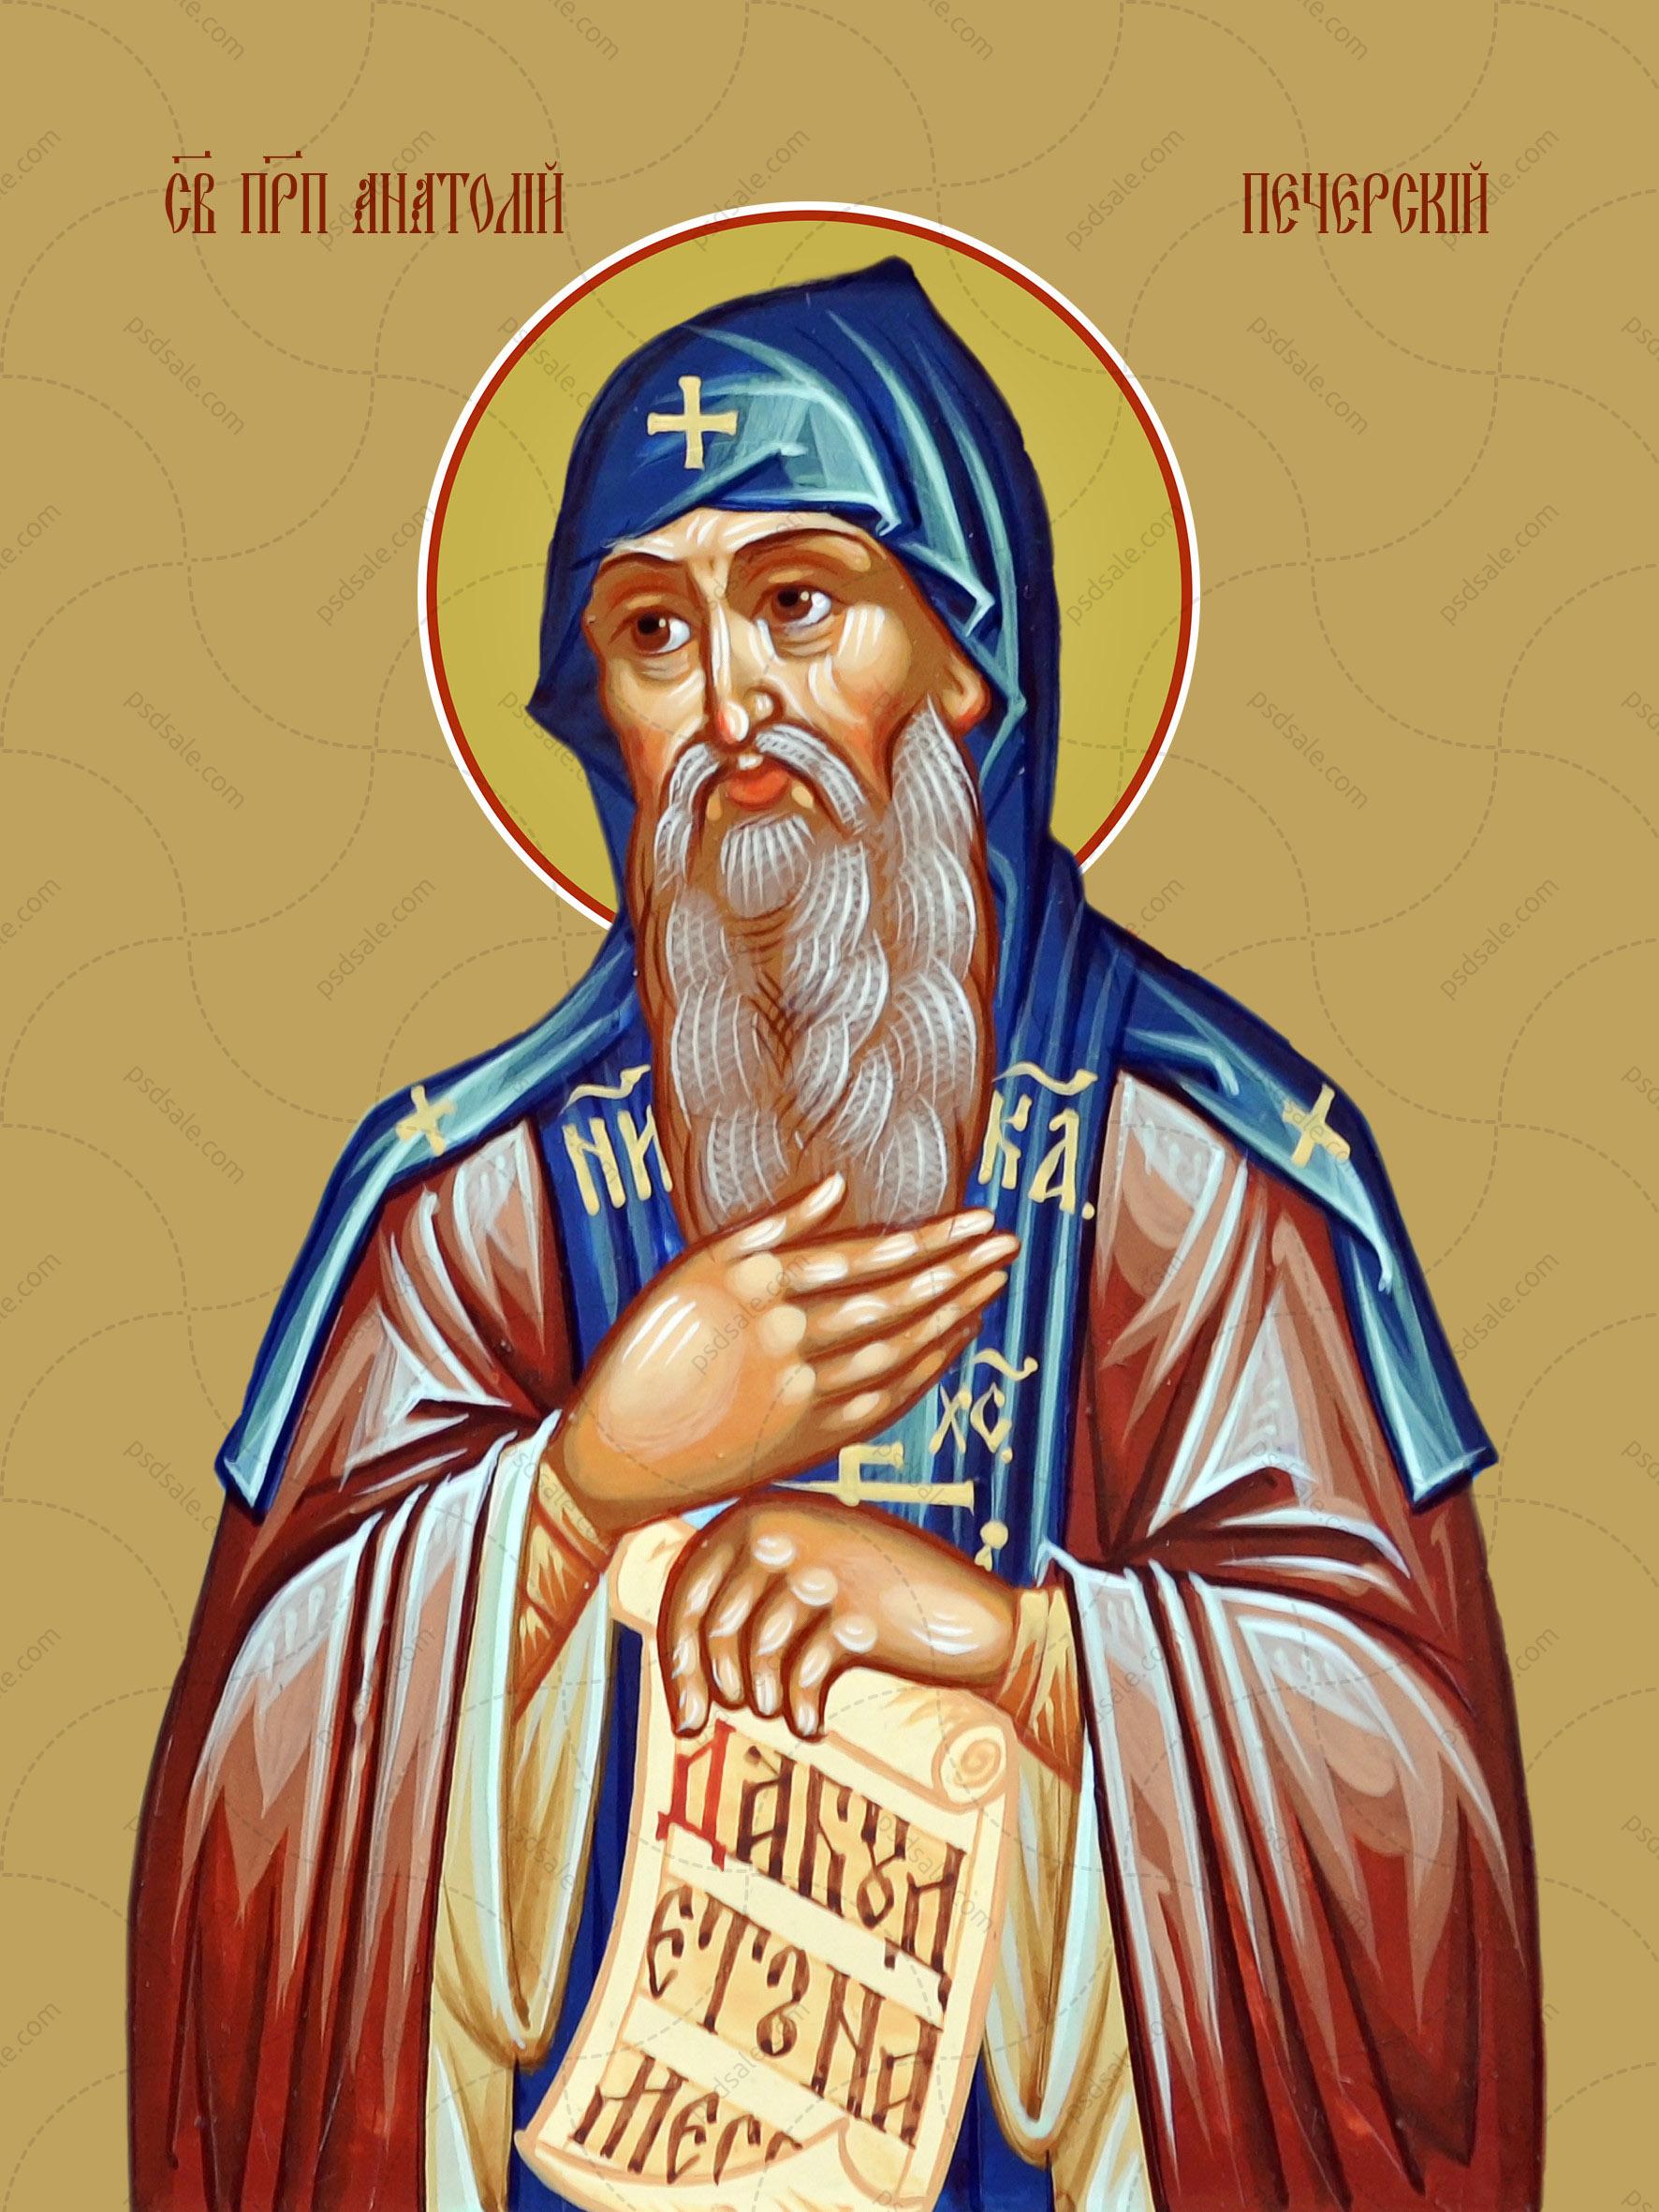 Анатолий Печерский, преподобный